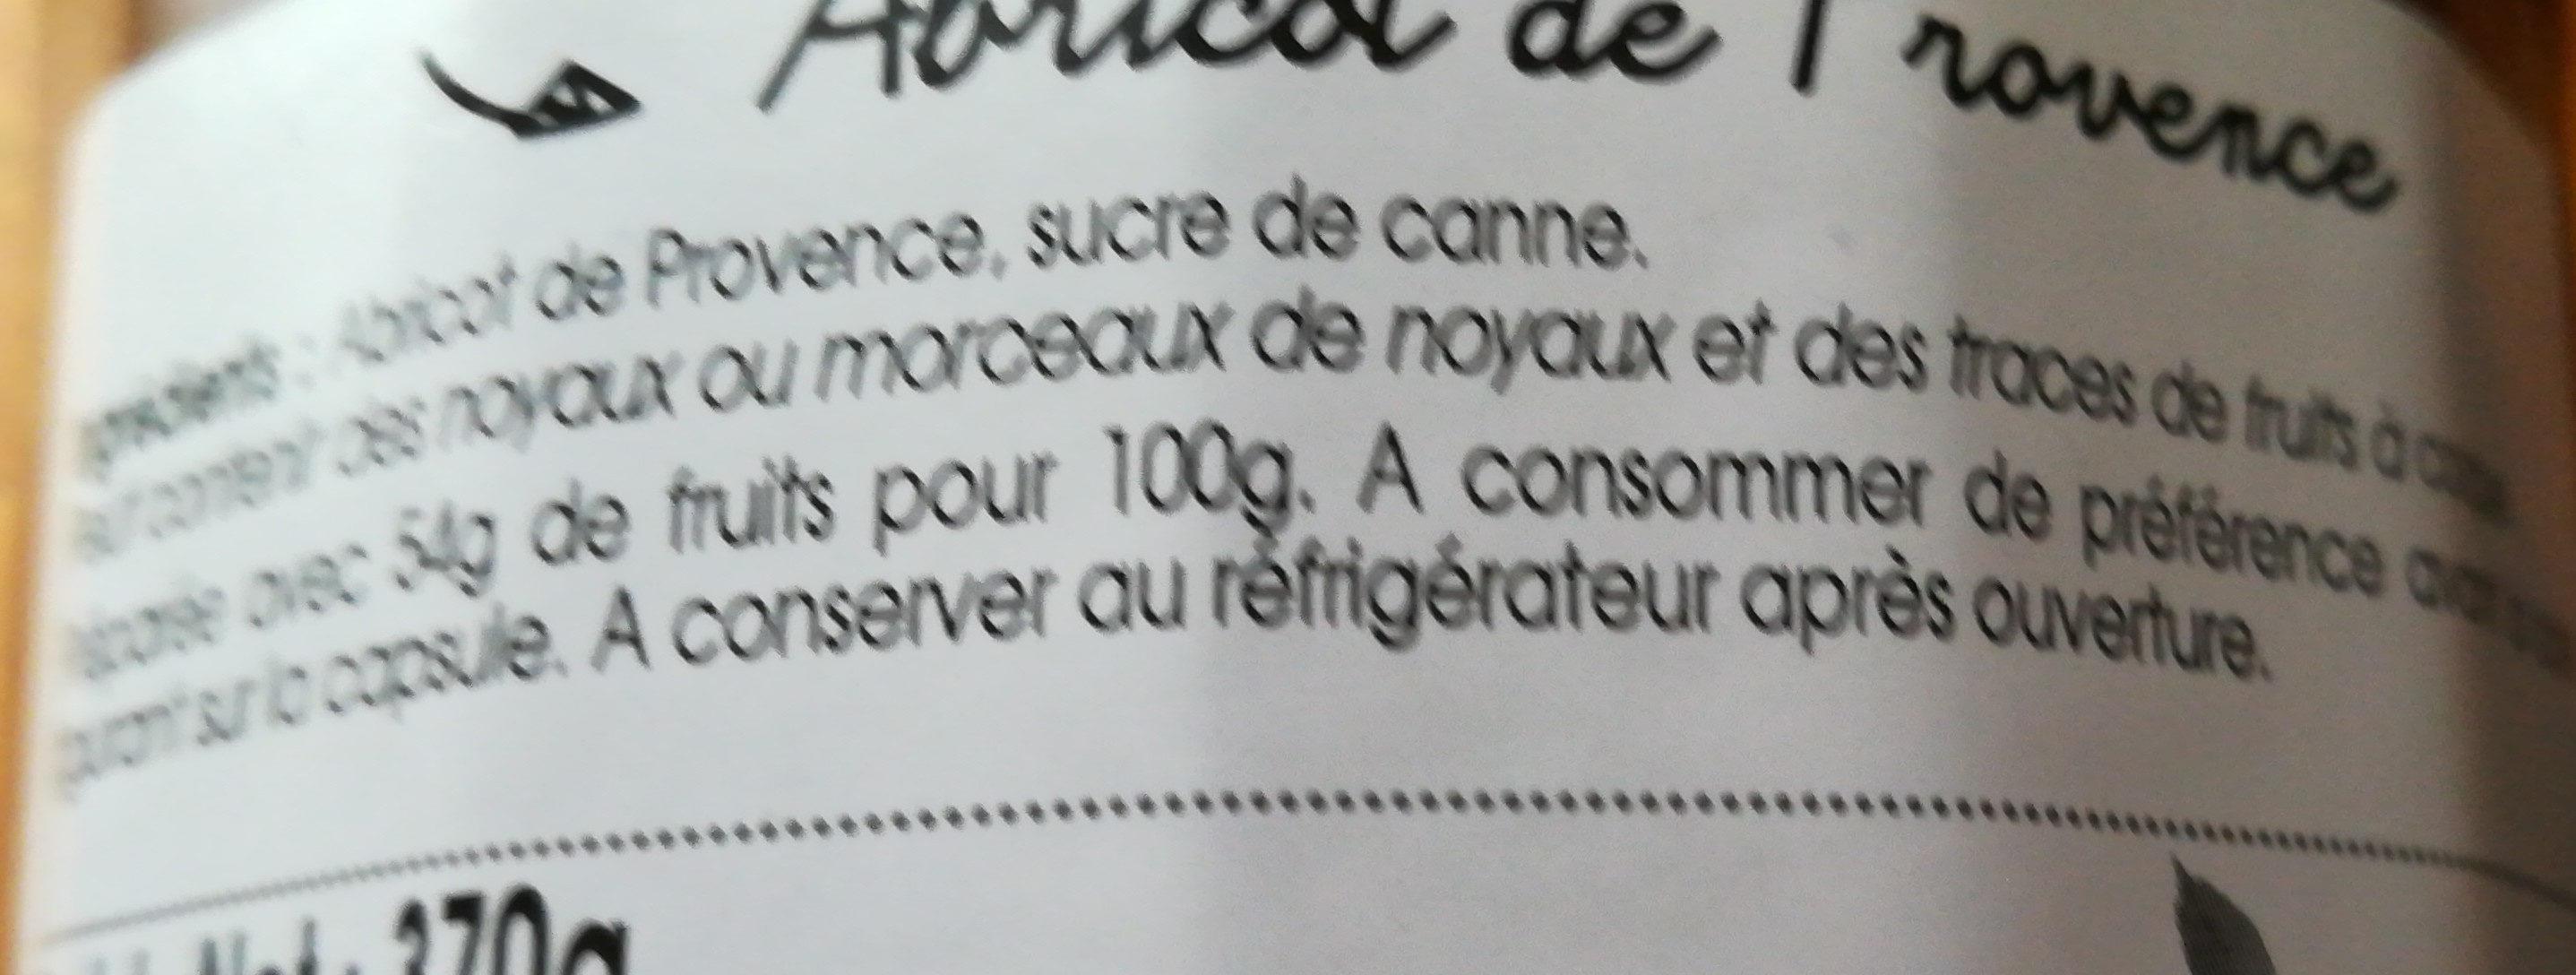 Confiture Abricot De Provence - Ingrediënten